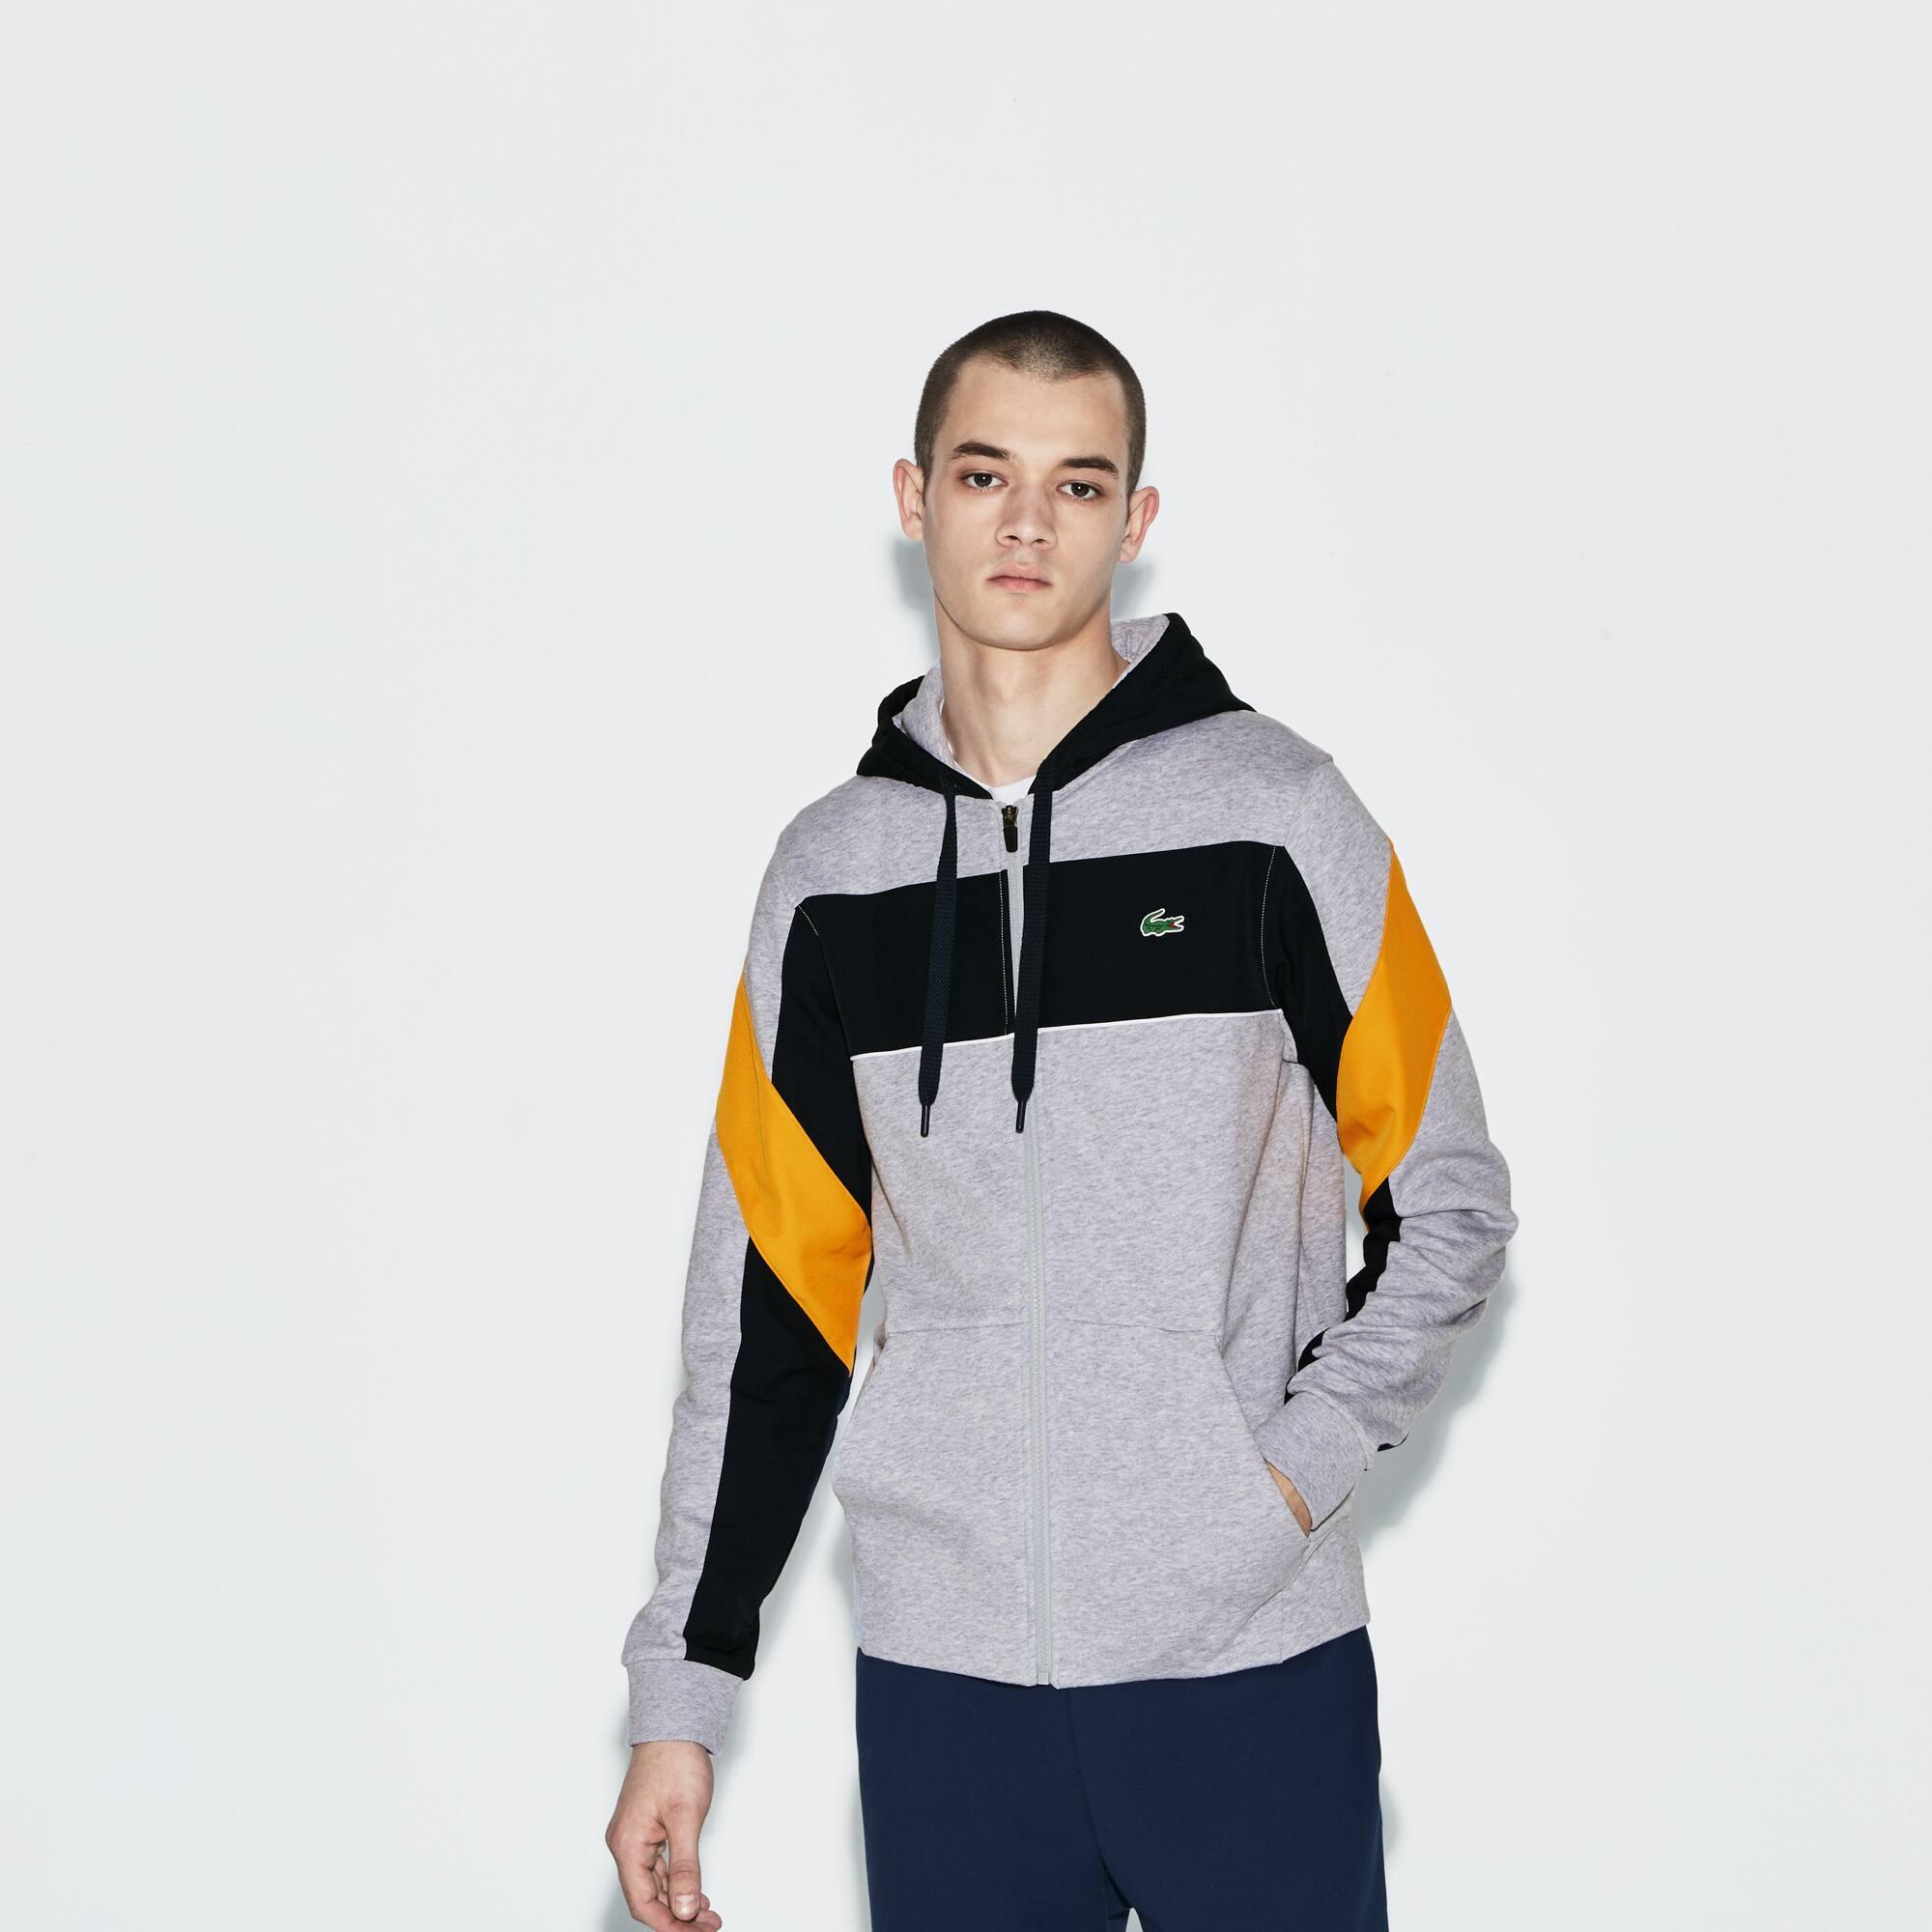 Men's Lacoste SPORT Hooded Zip Colorblock Tennis Sweatshirt